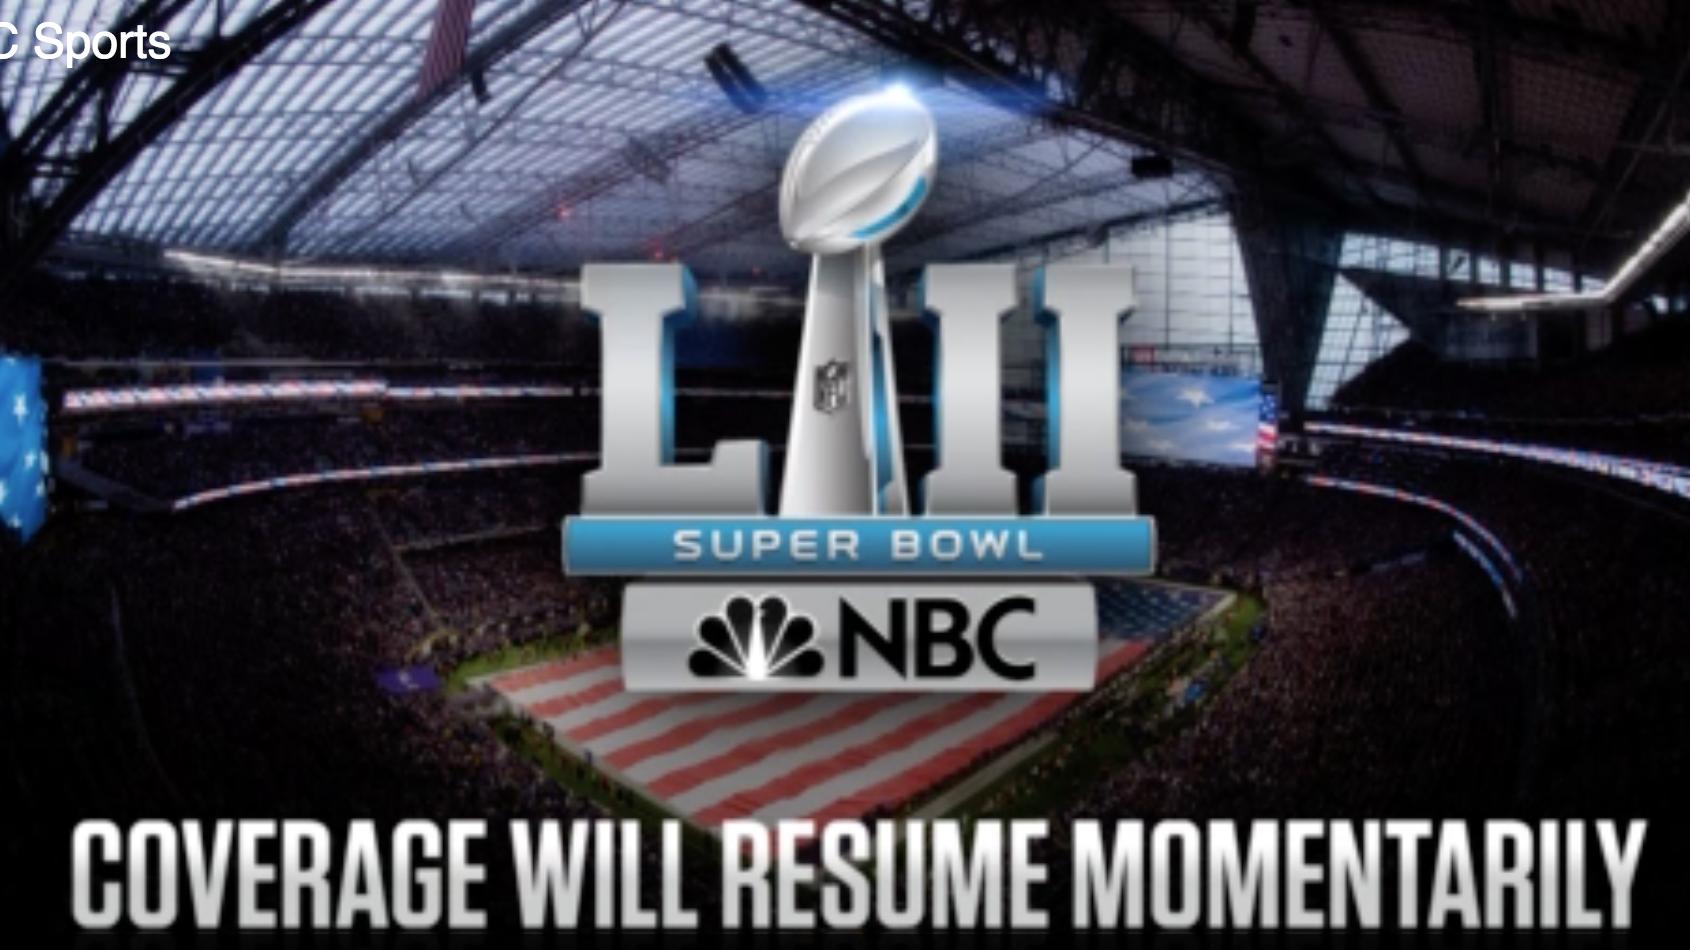 NBC Super Bowl stream has no commercials